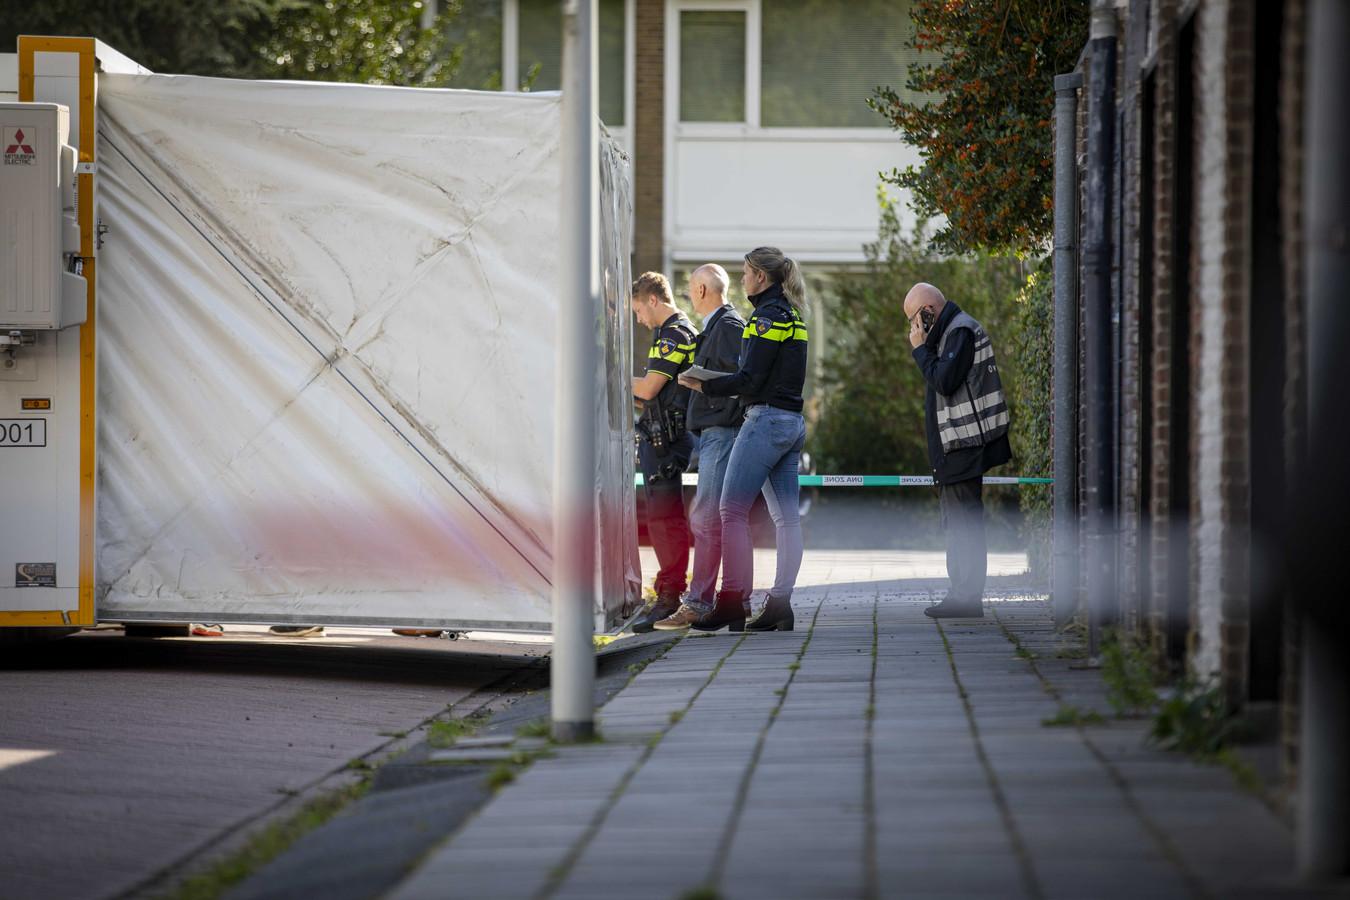 Bij een schietpartij aan de Imstenrade in Buitenveldert is advocaat Derk Wiersum doodgeschoten. Wiersum stond kroongetuige Nabil B. bij in het liquidatieproces Marengo rond het criminele kopstuk Ridouan Taghi. De schutter is te voet gevlucht.